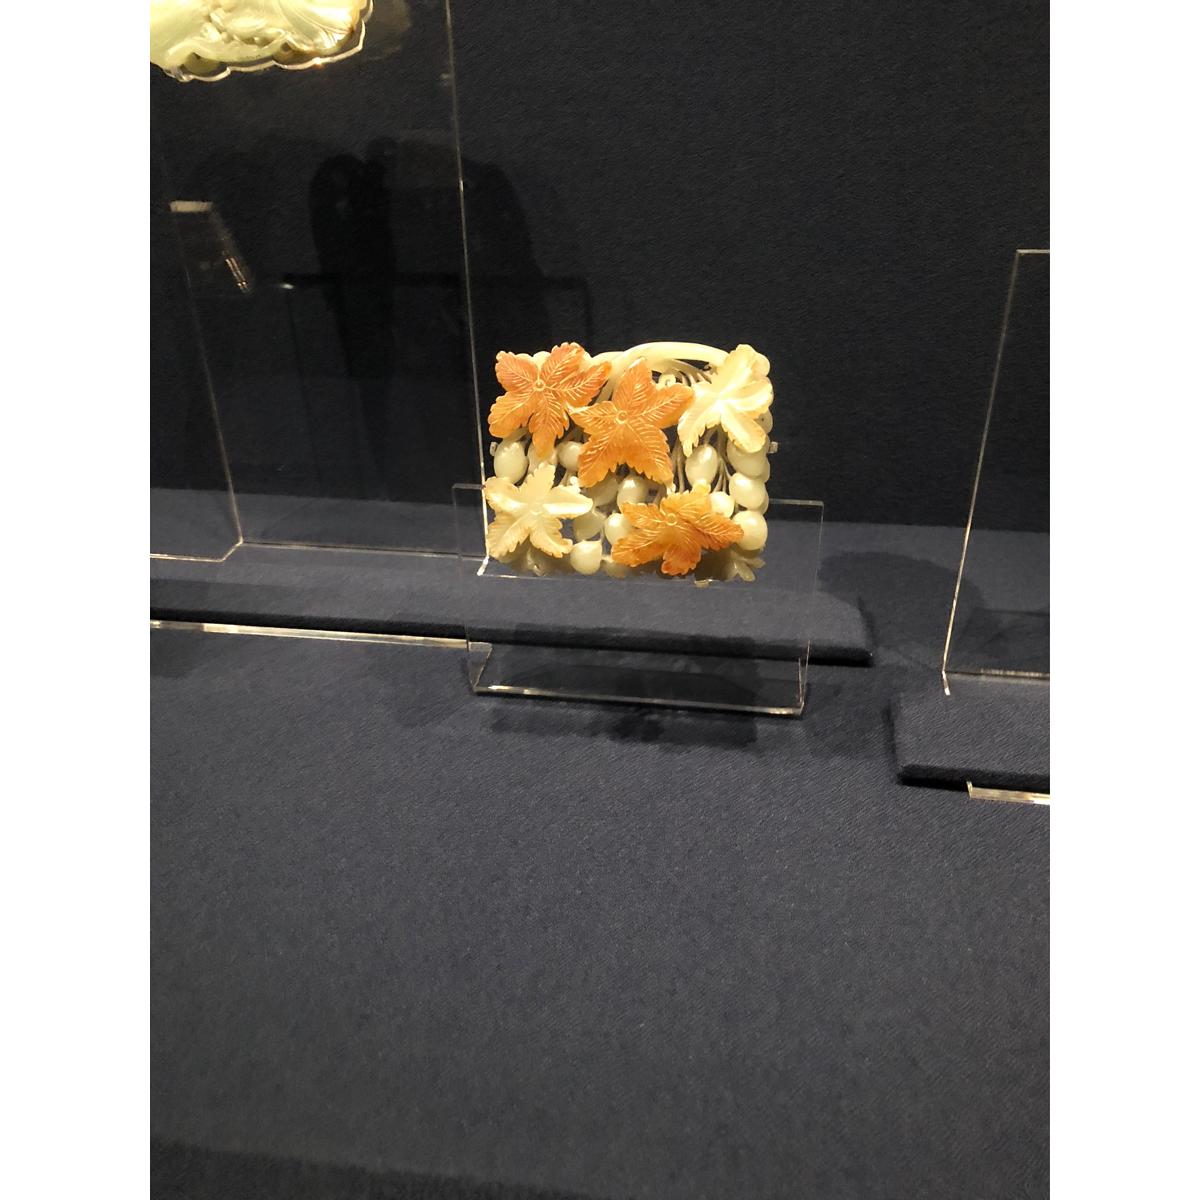 Art piece in museum